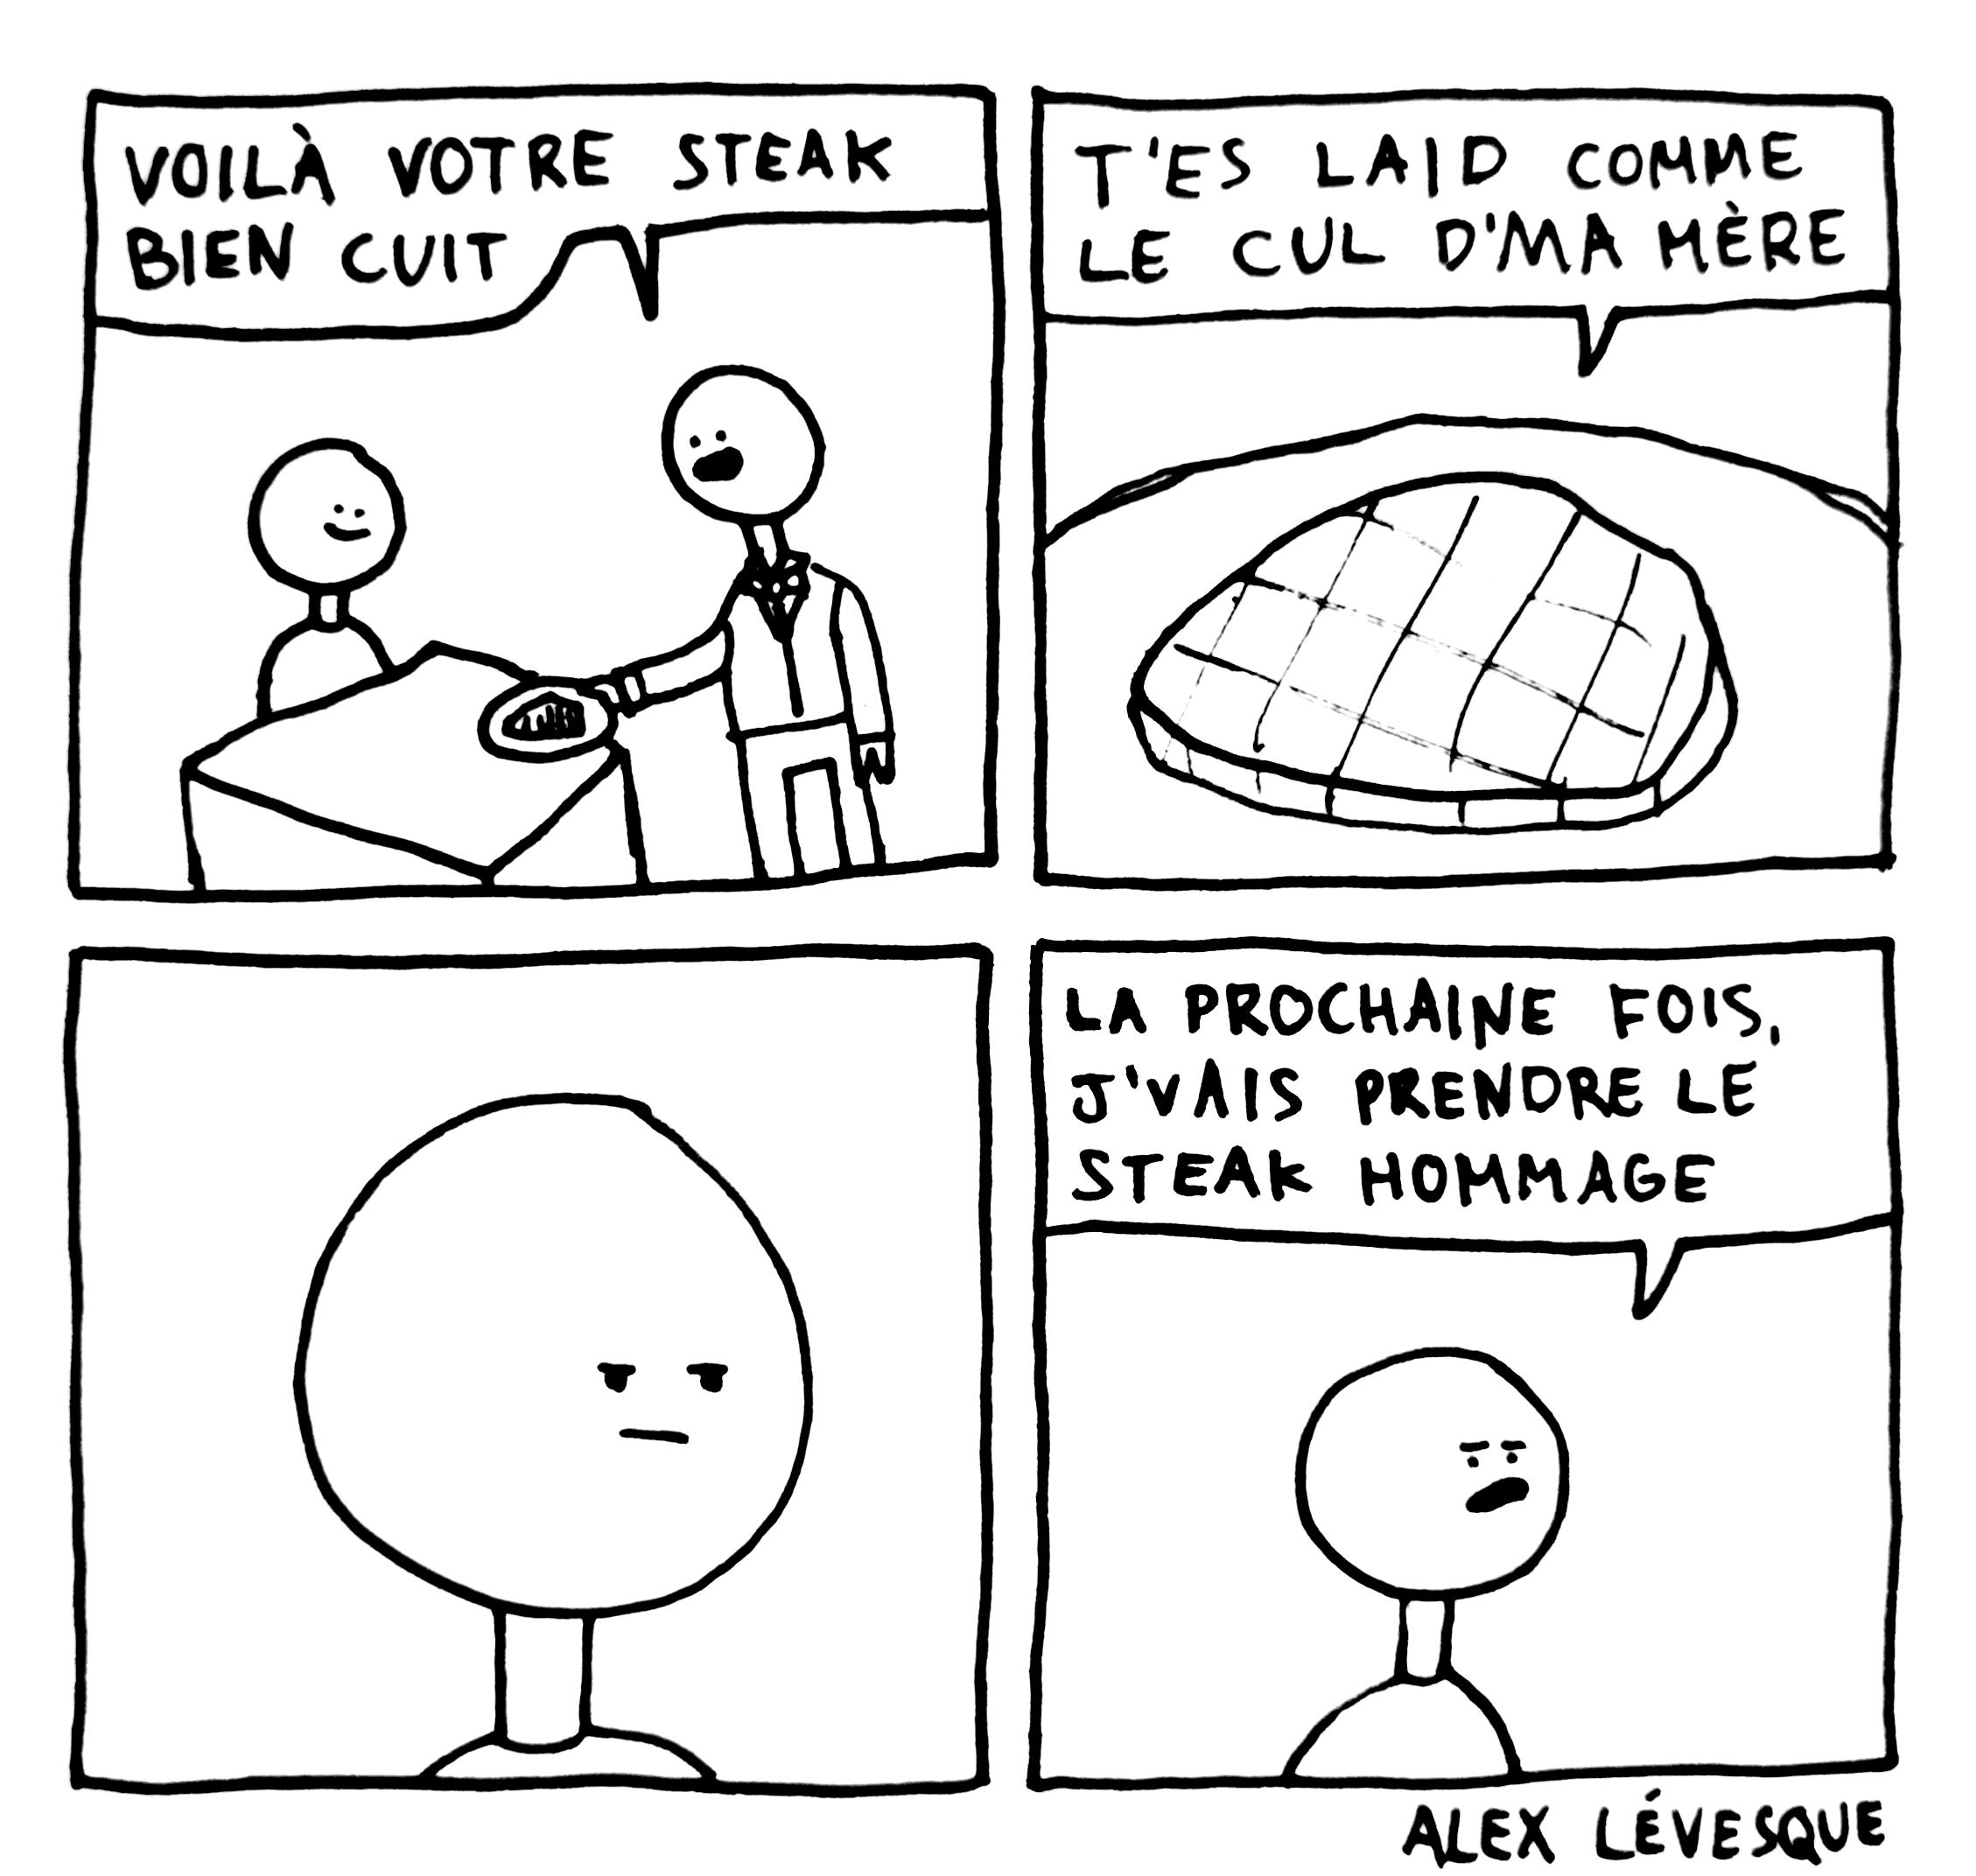 Bien cuit